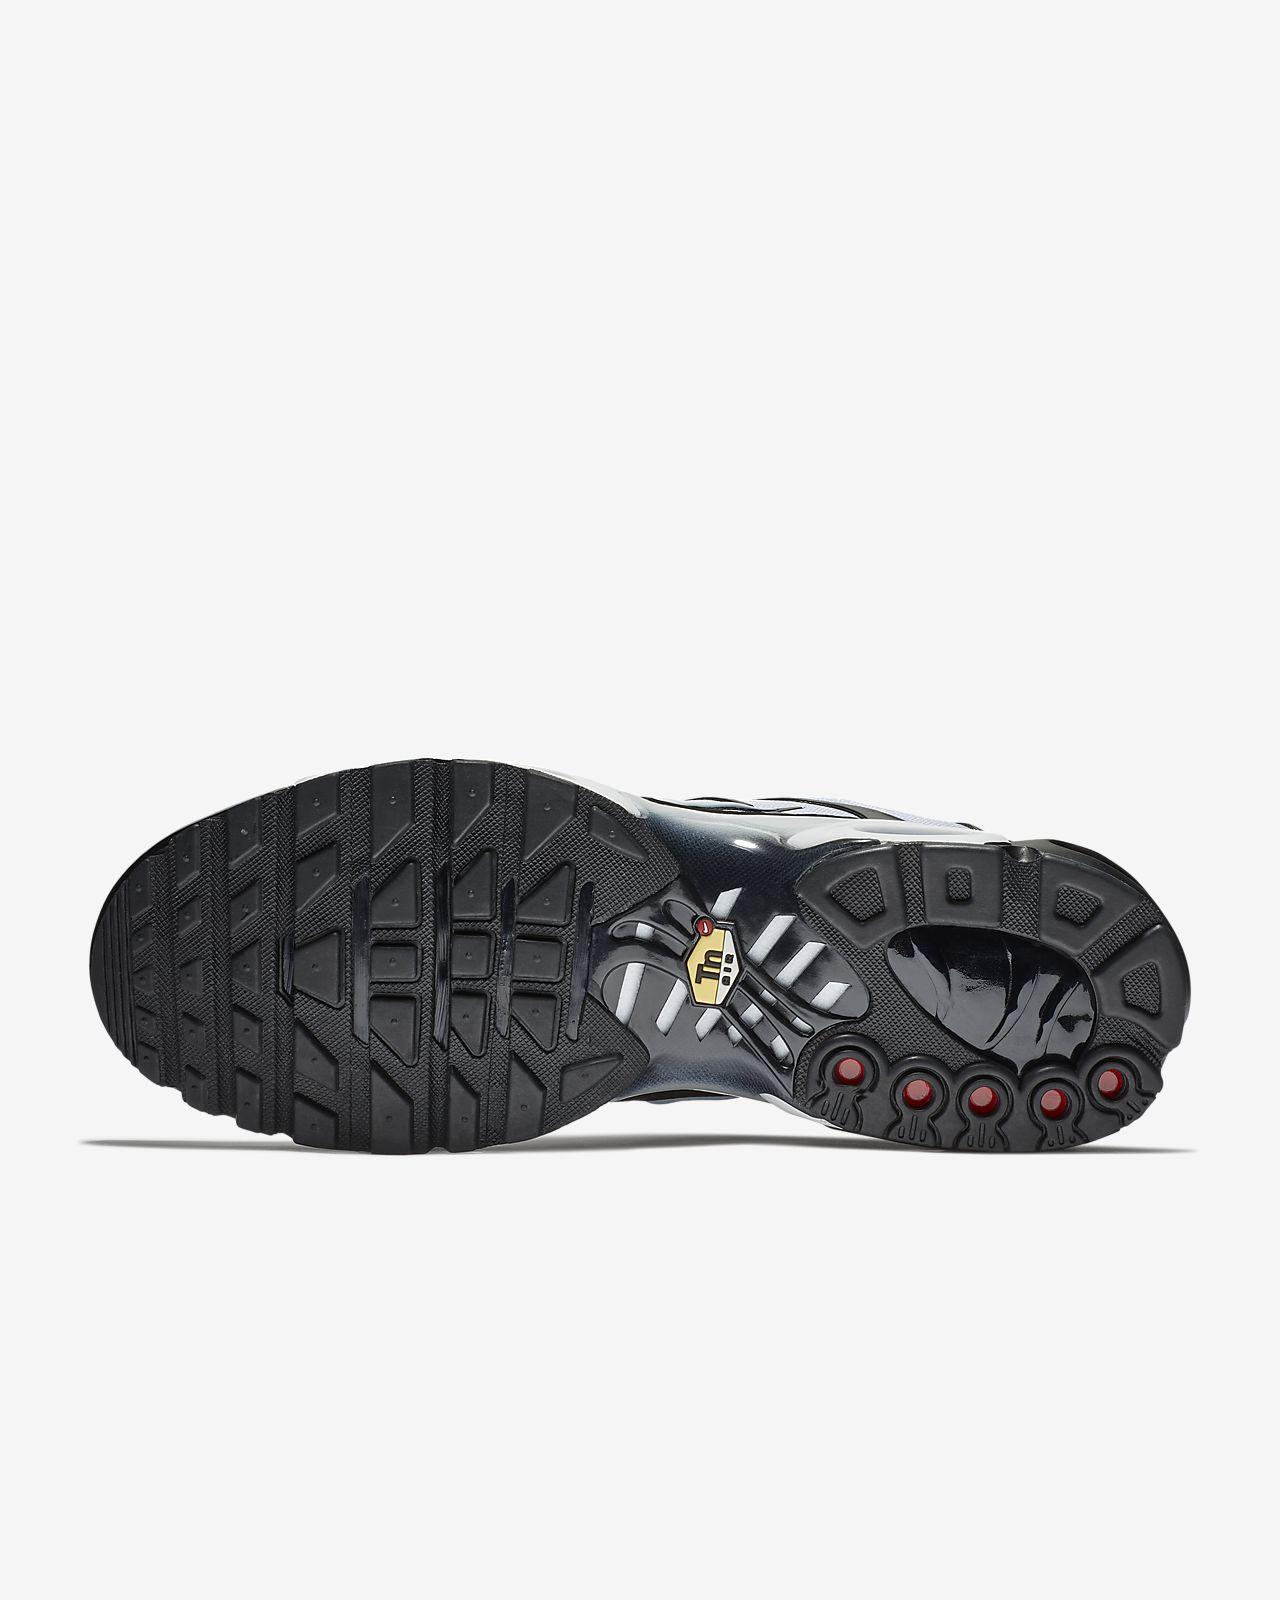 detailed look 40175 ad8c7 ... Nike Air Max Plus Men s Shoe